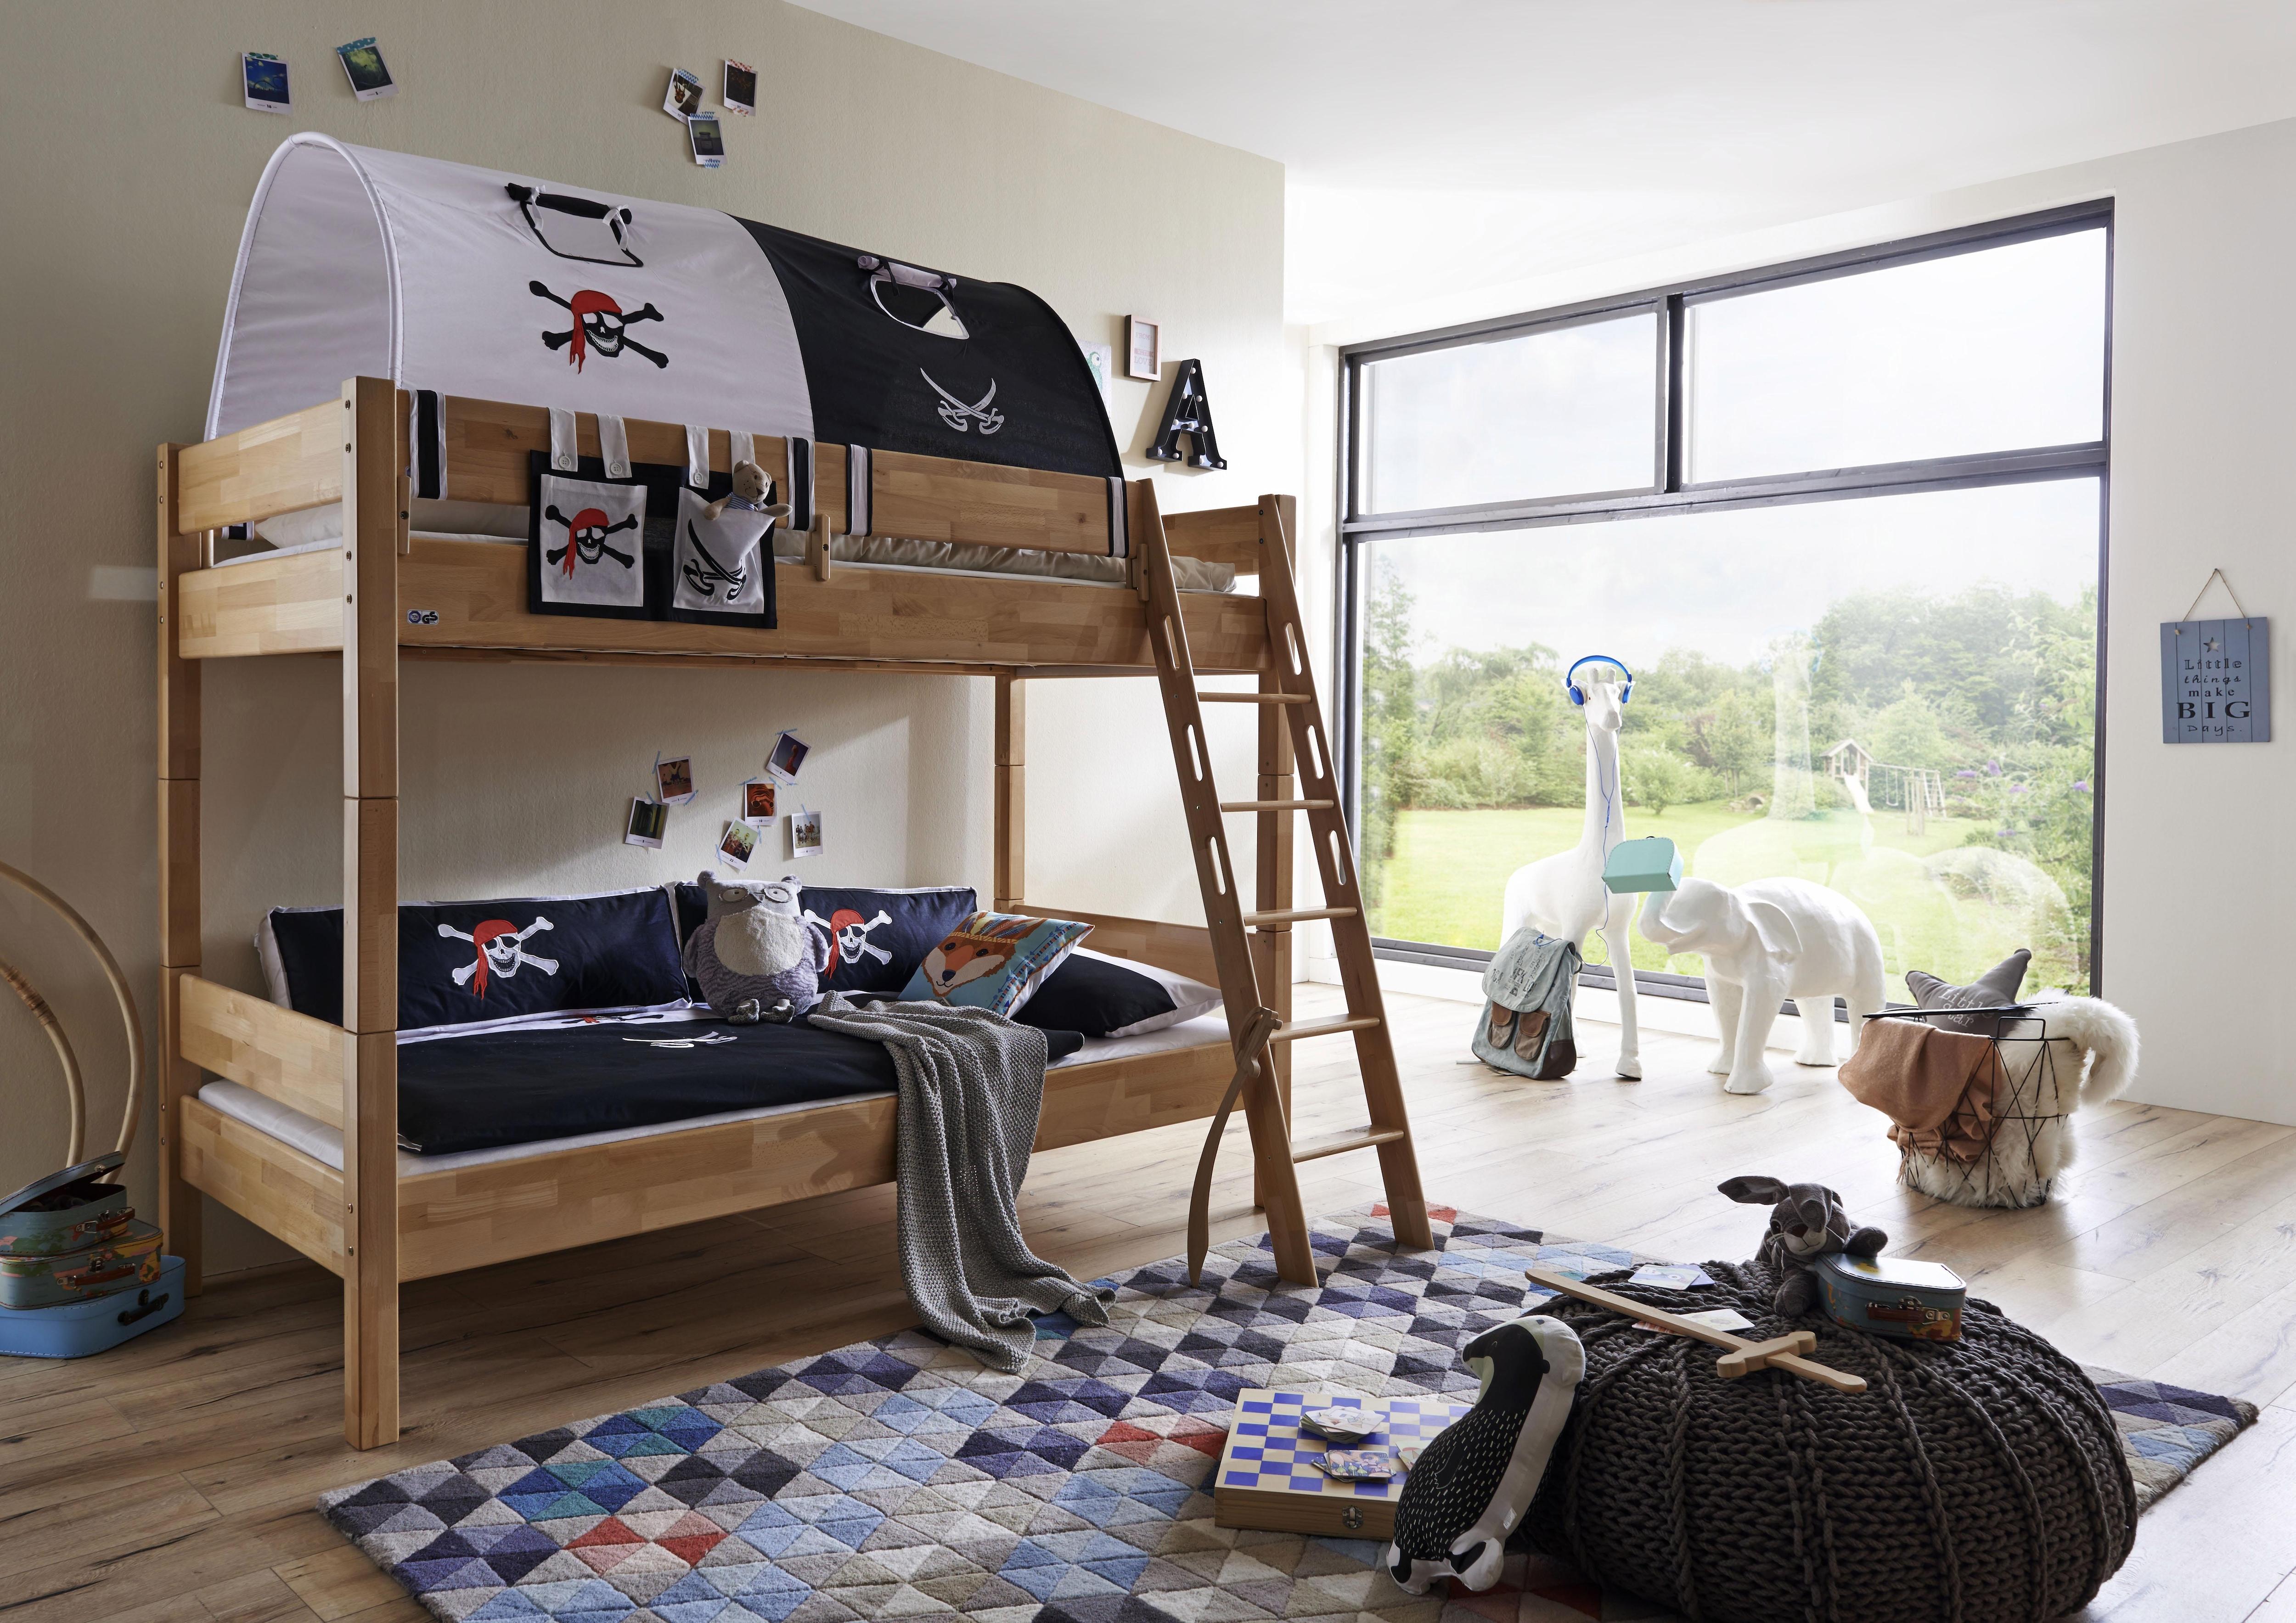 Etagenbett Derby : Xora etagenbetten online kaufen möbel suchmaschine ladendirekt.de